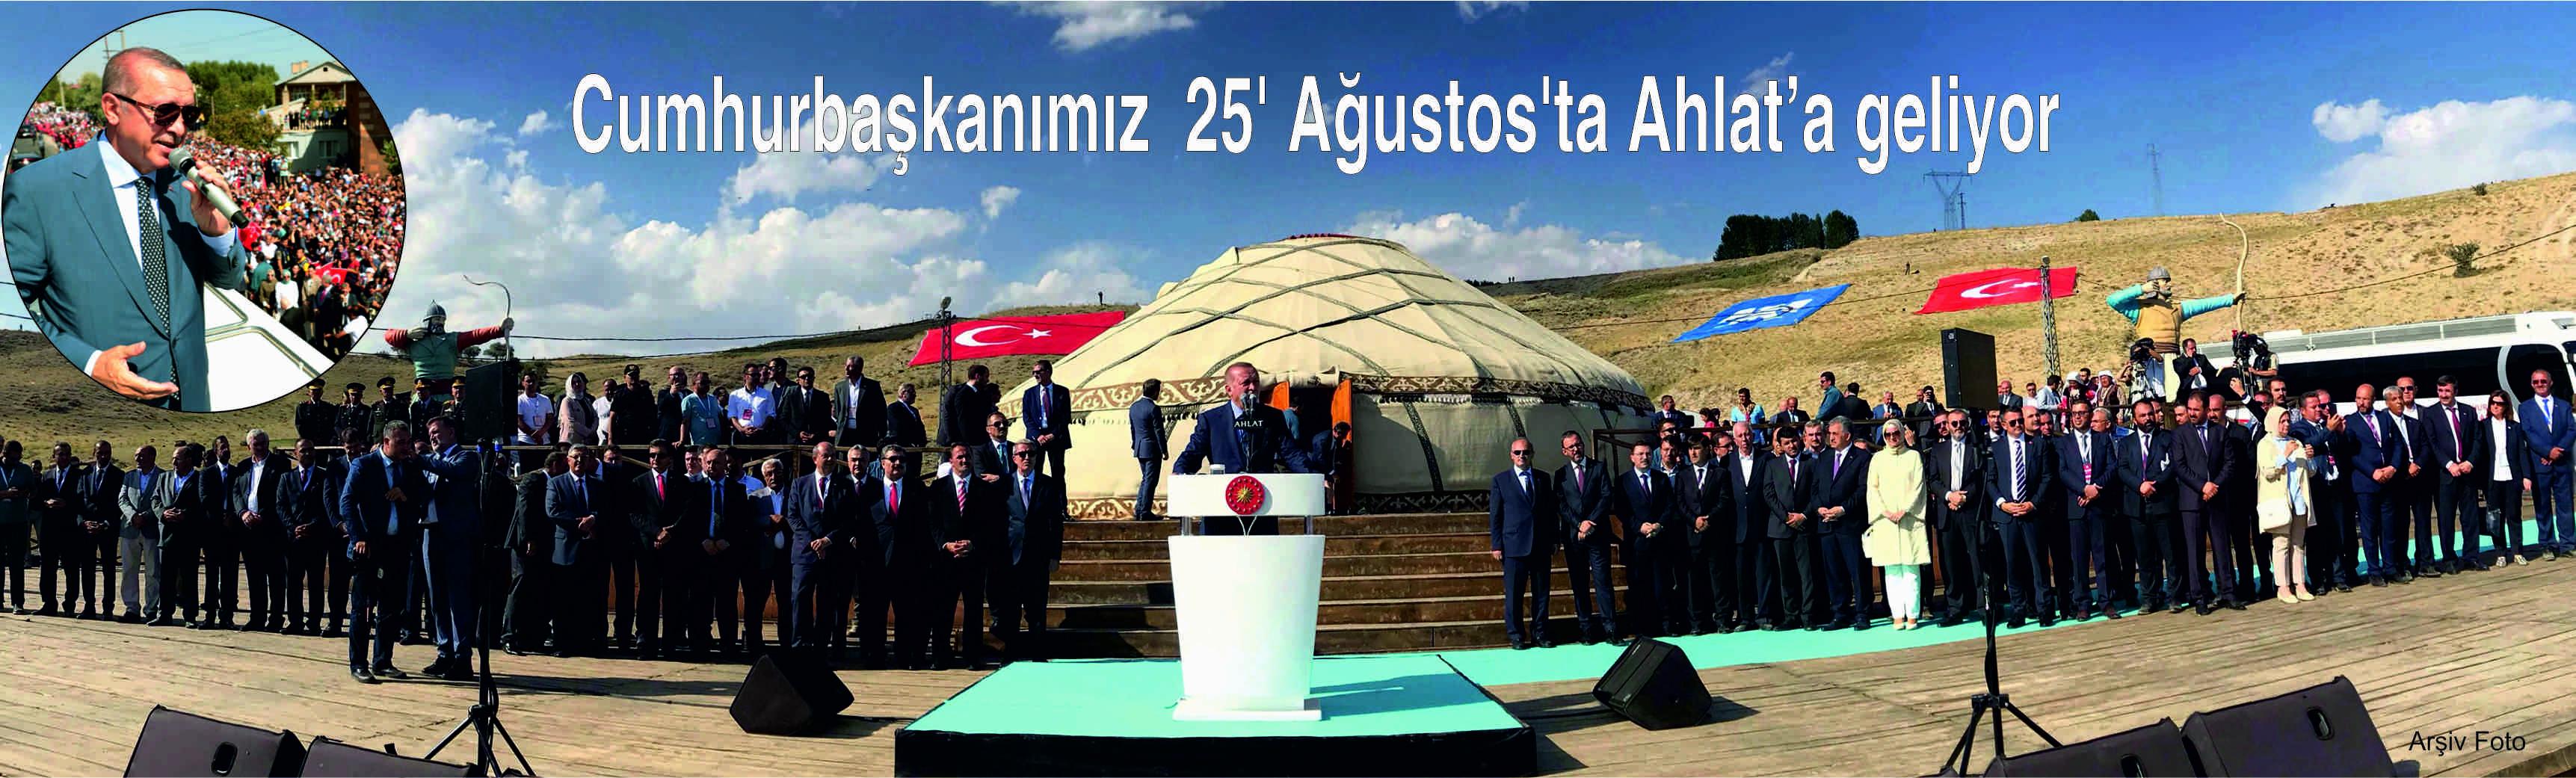 Cumhurbaşkanı Erdoğan:25' Ağustos'ta Ahlat'a geliyor